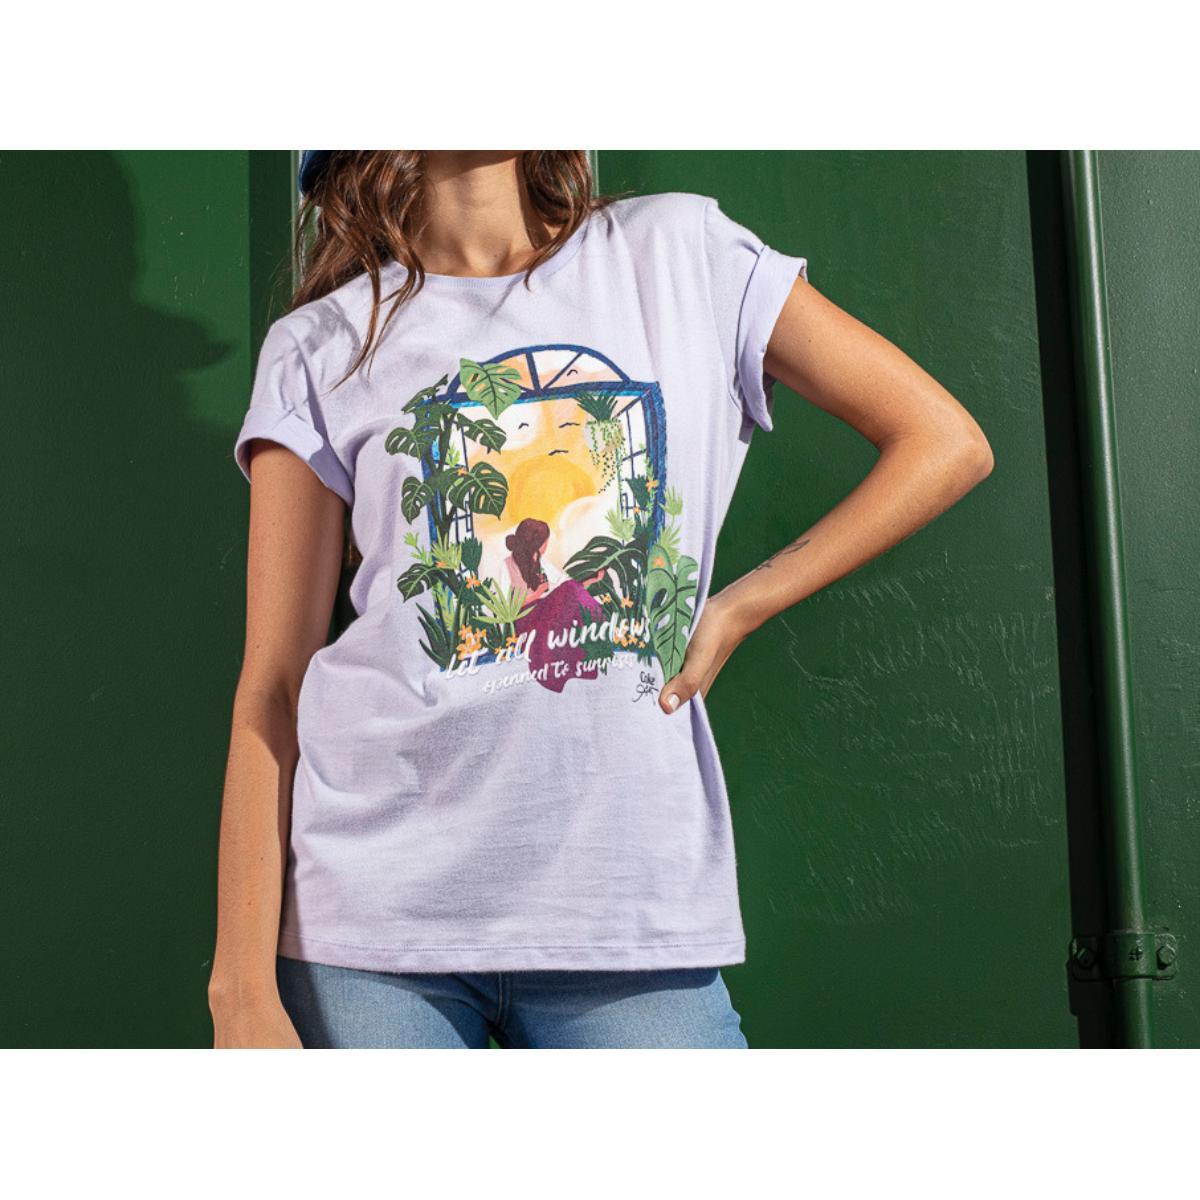 Camiseta Feminina Coca-cola Clothing 343203450 44130 Lilas